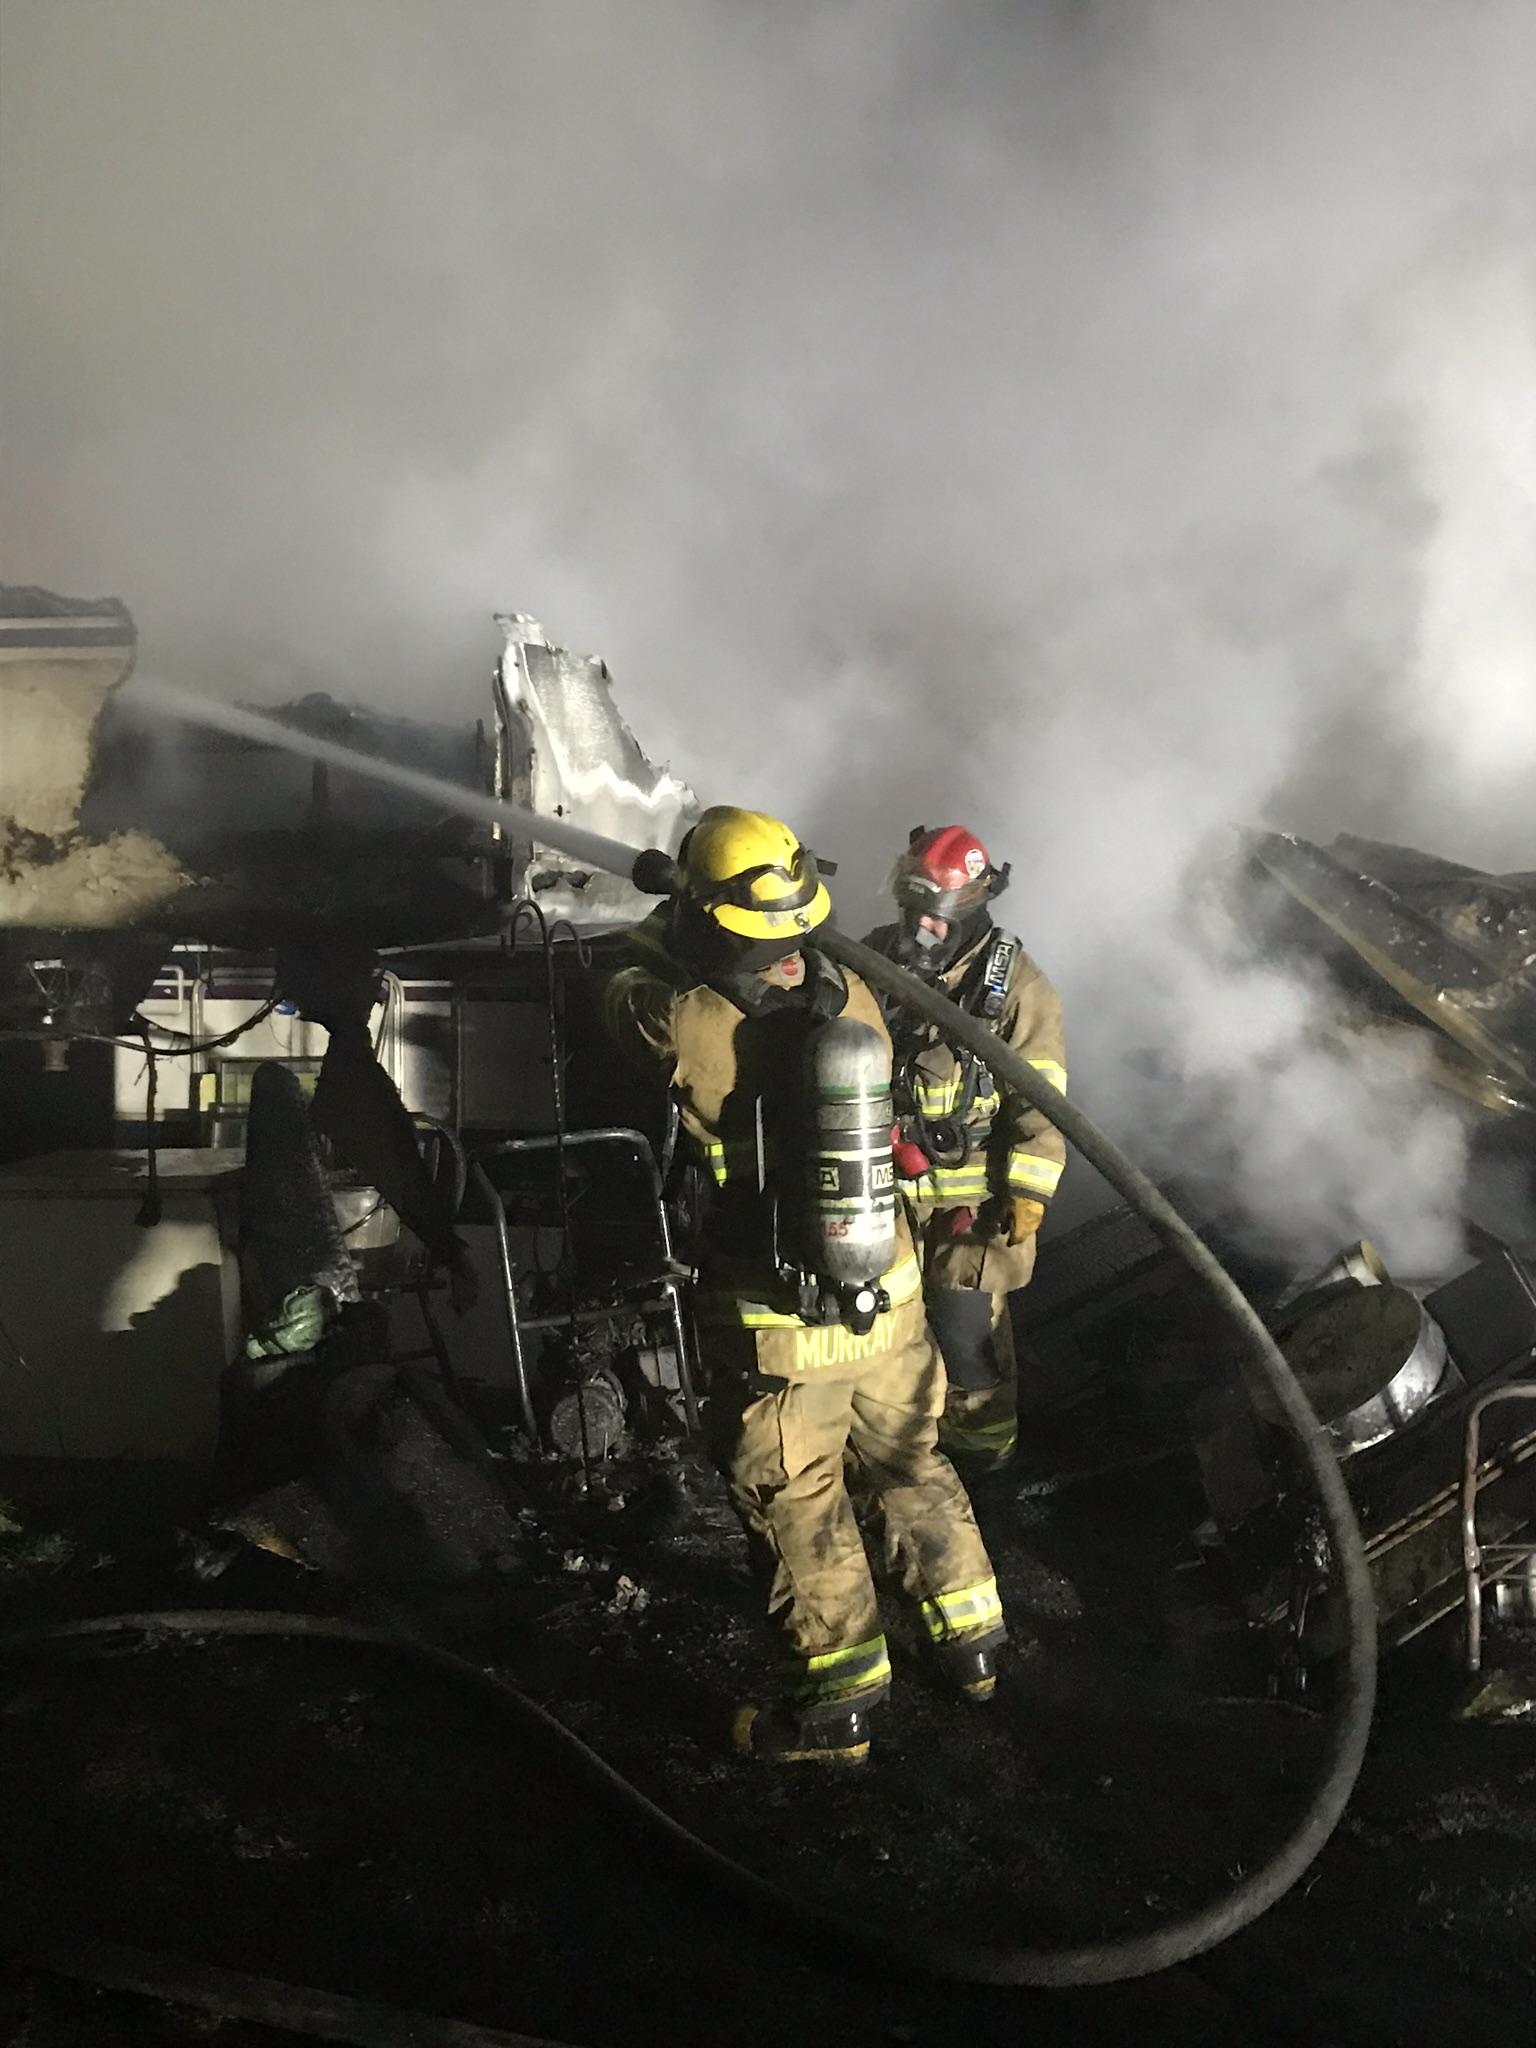 Press Releases - North Kitsap Fire & Rescue